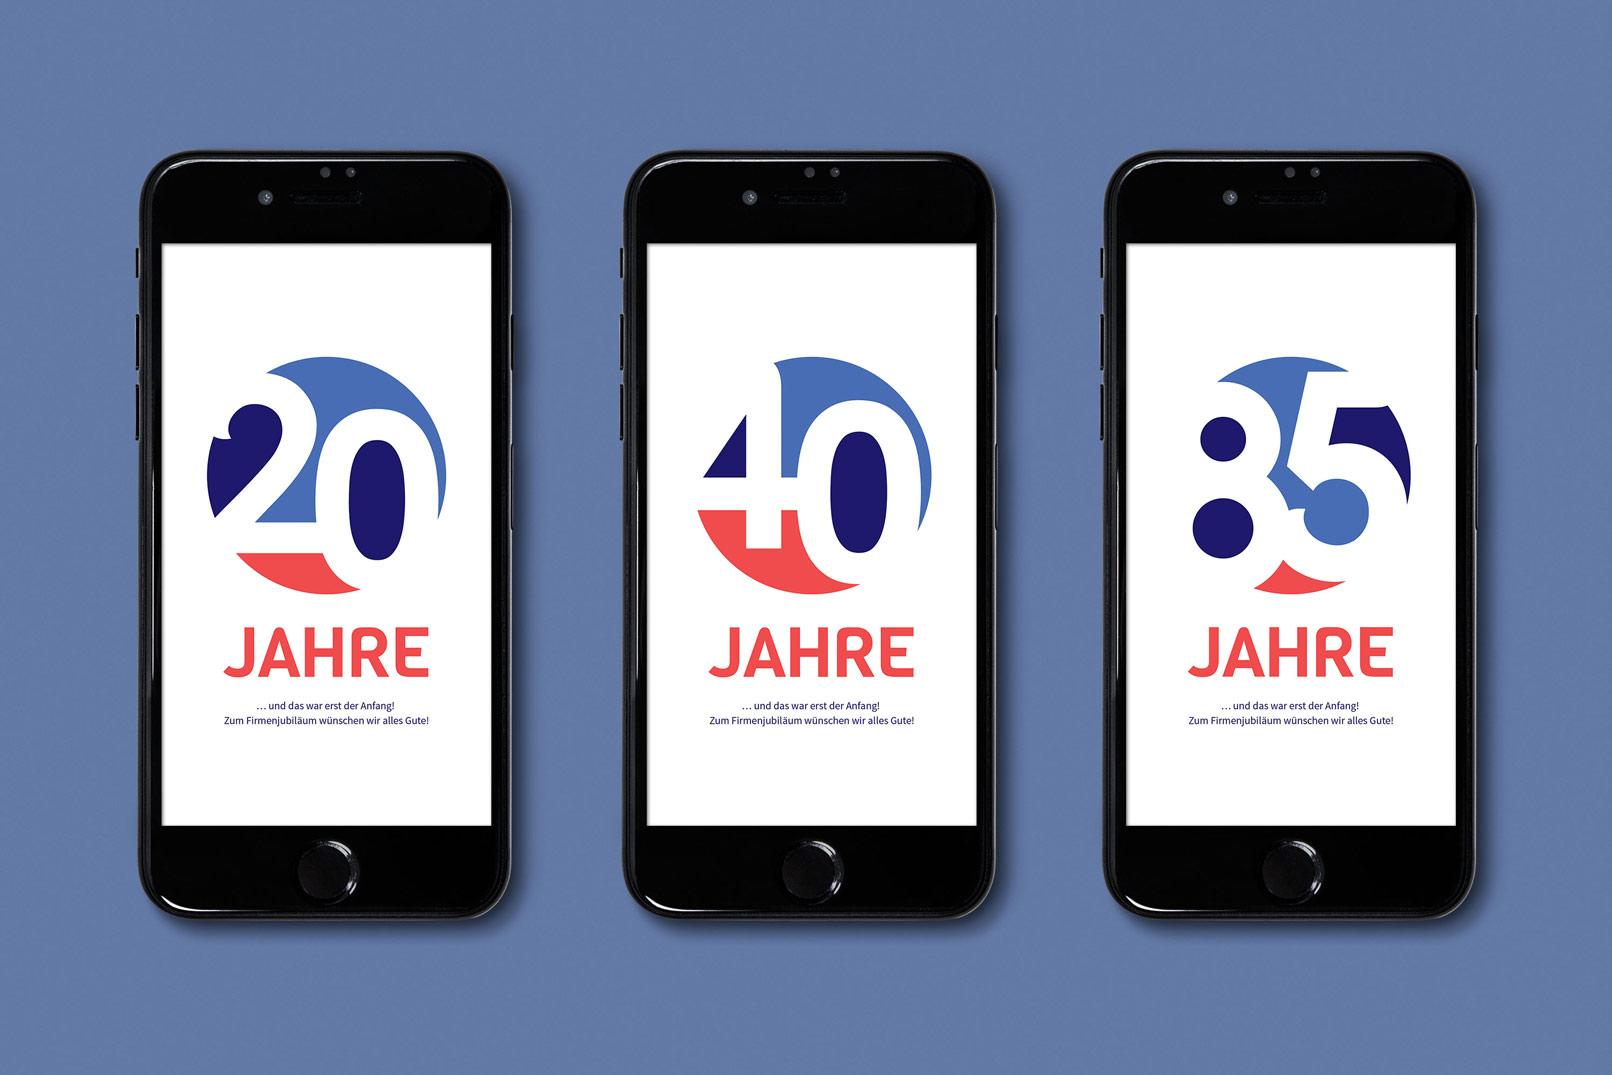 Schöne und bunte Zahlen-Designs, verwendet in einer App auf einem Smartphone.